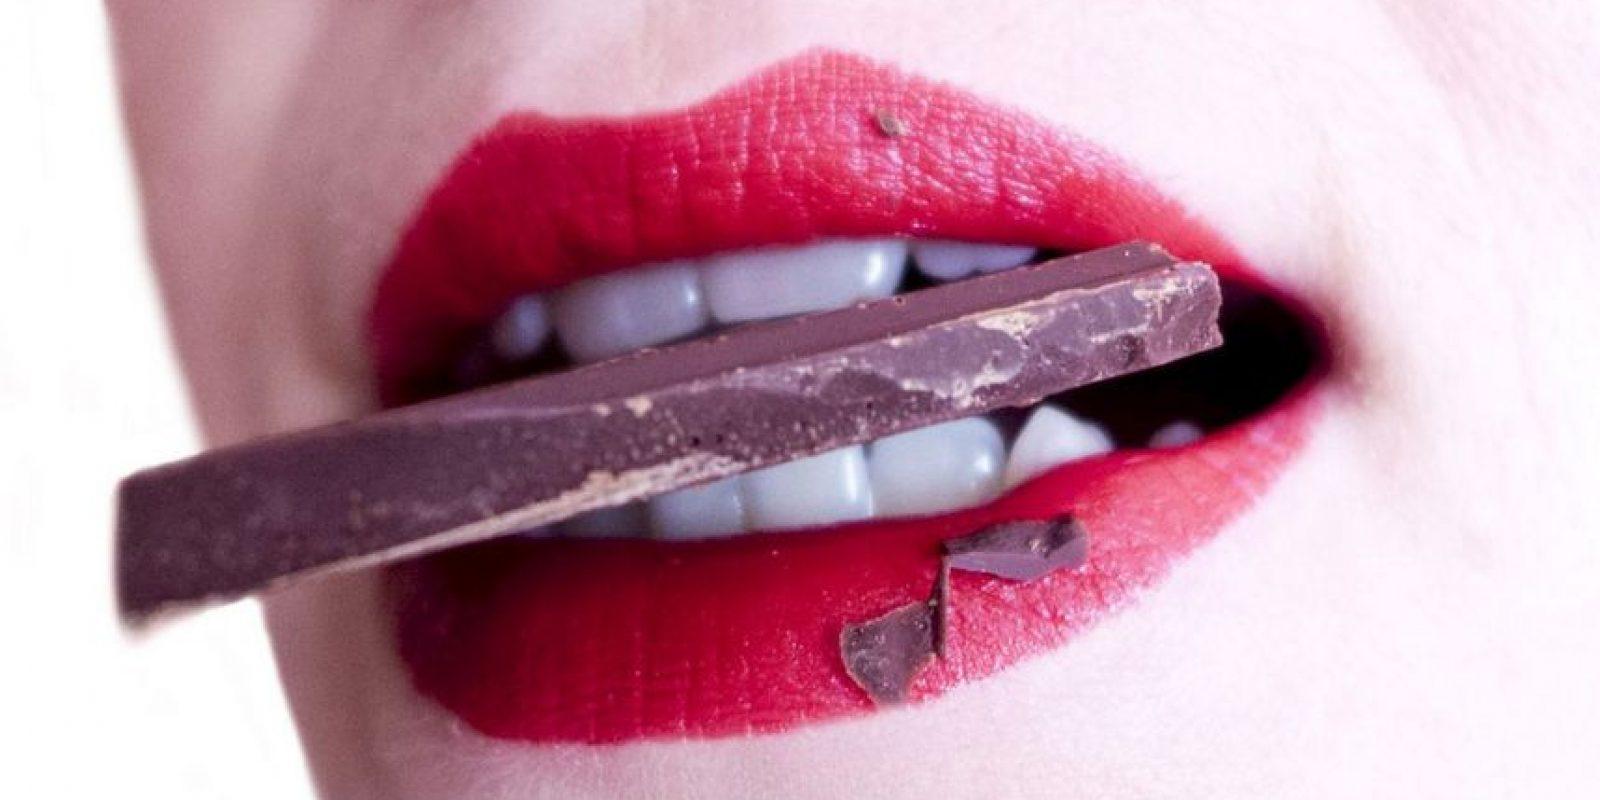 Se trata de un chocolate fortificado con hierro hemínico, innovador componente que aporta calcio, hierro y zinc. Foto:Pixabay